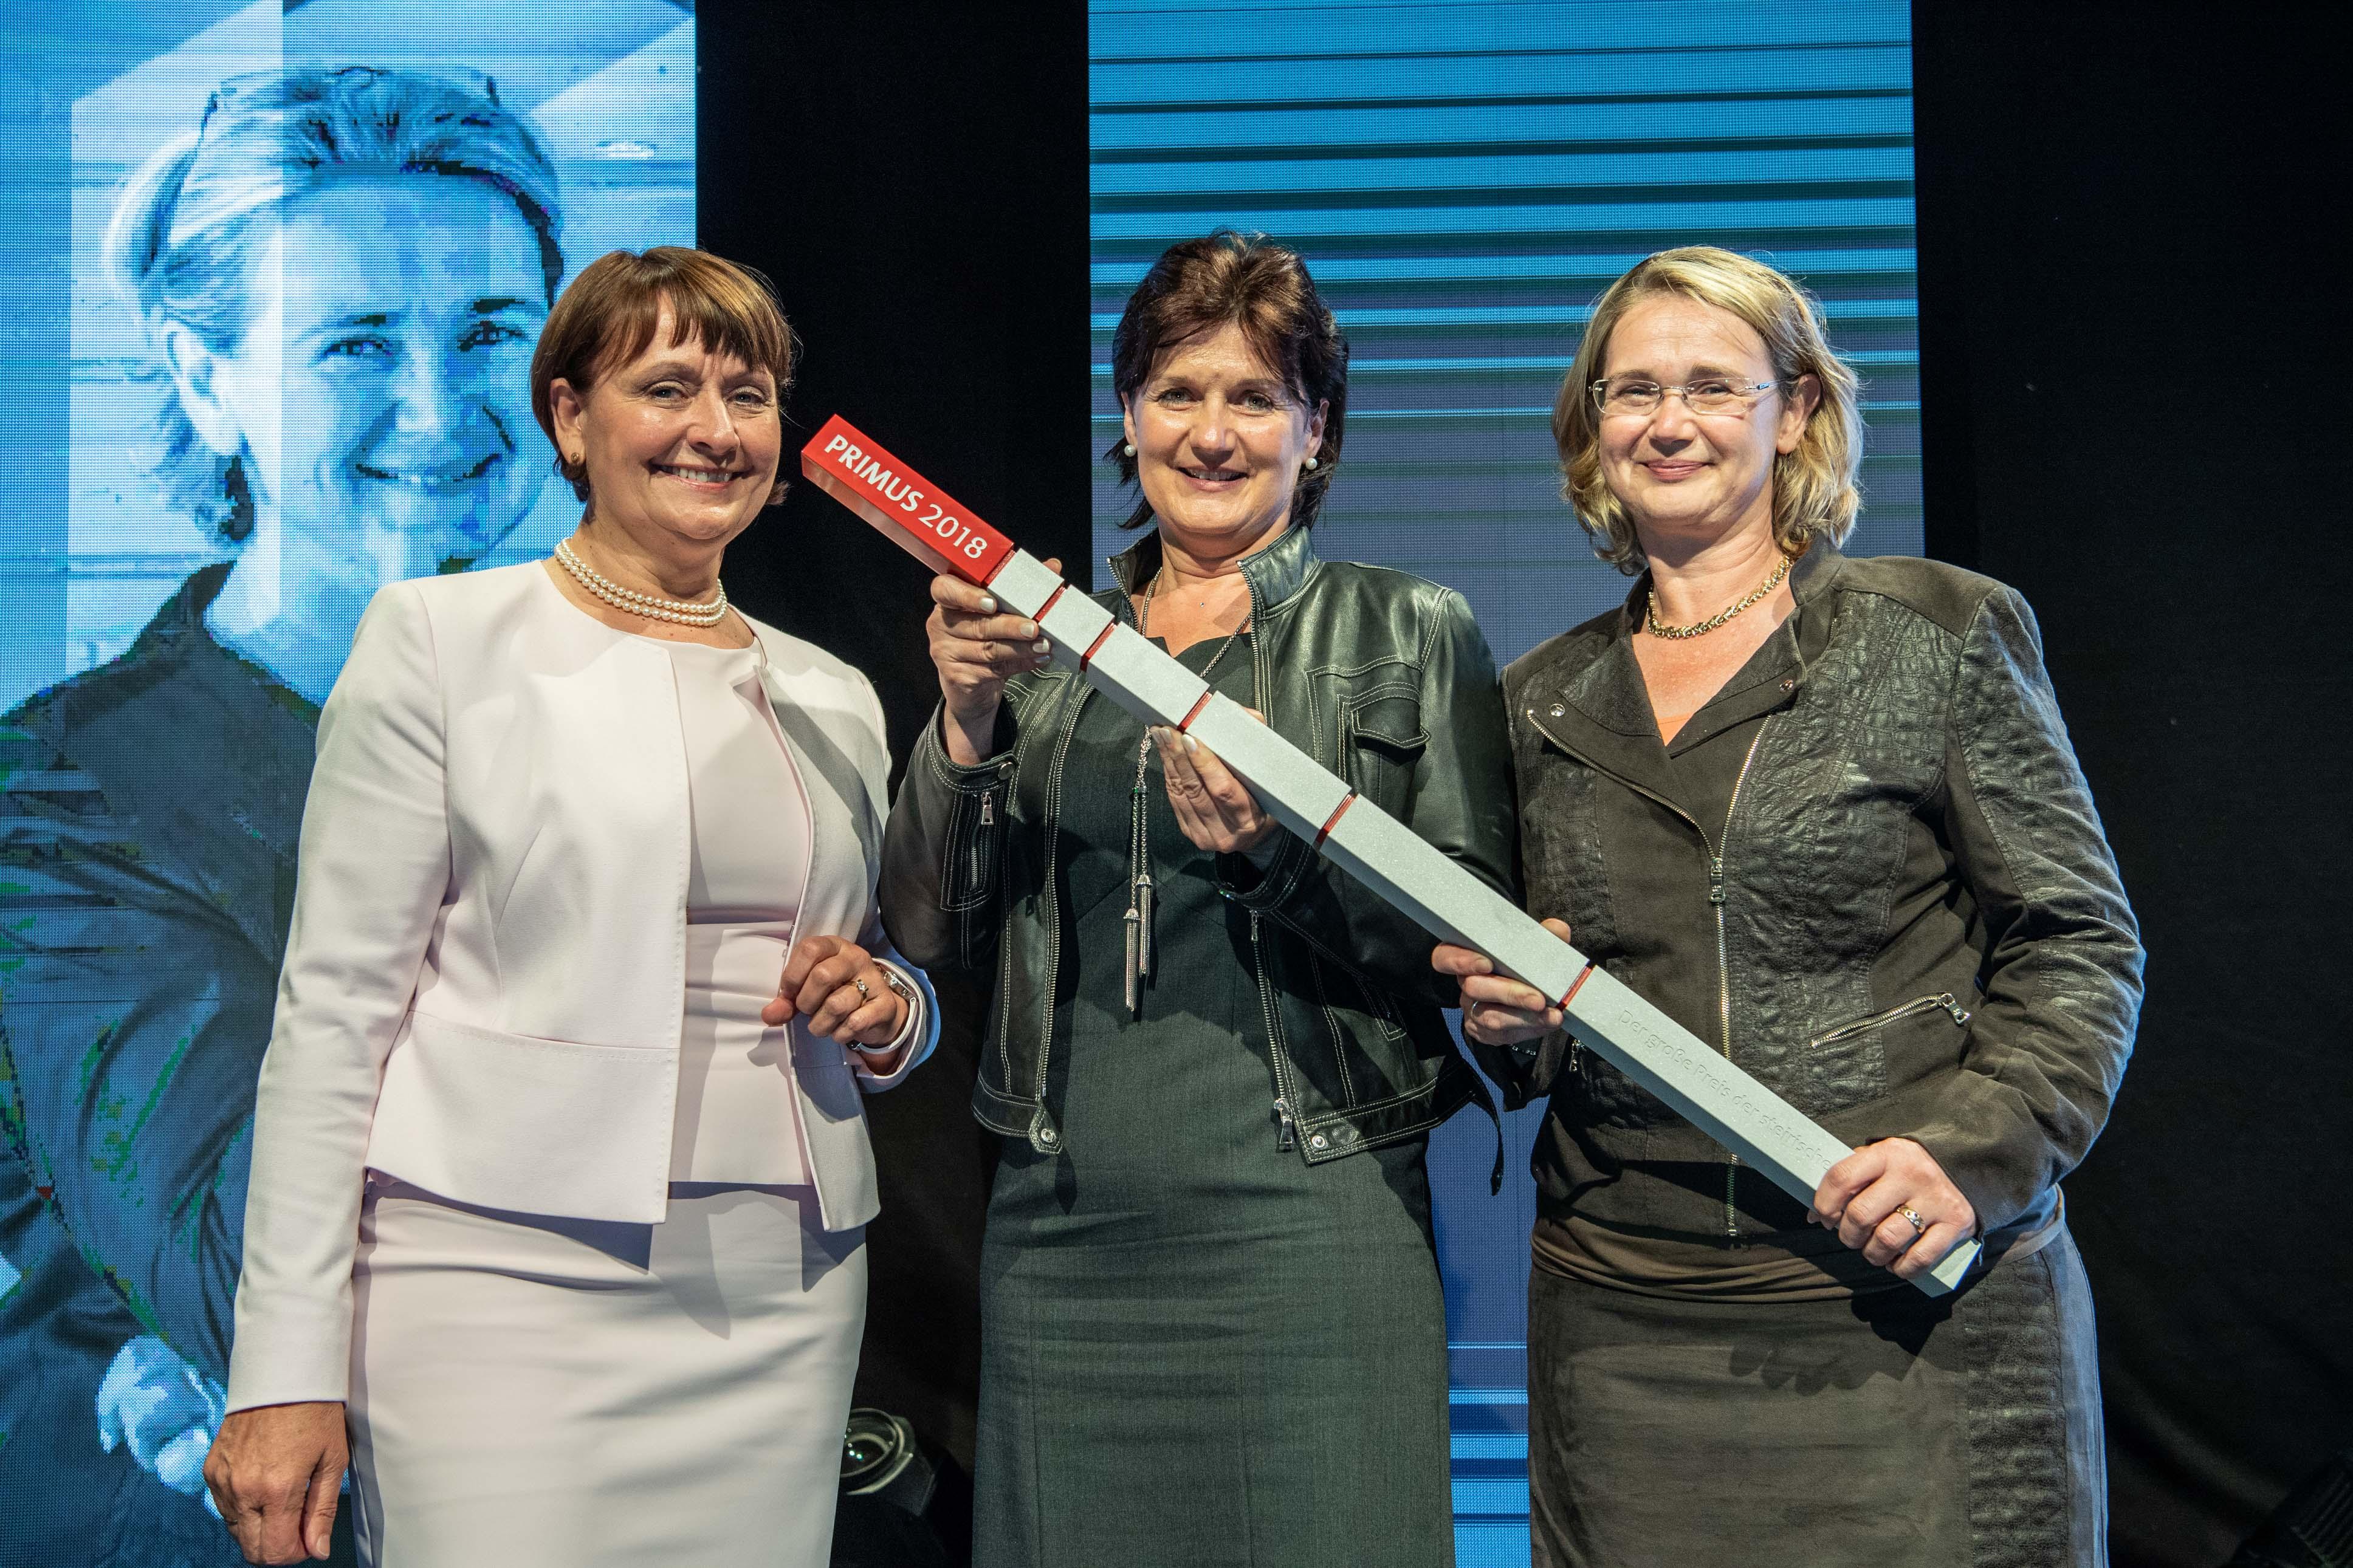 Primus 2018 Der Große Preis Der Steirischen Wirtschaft Berghofer